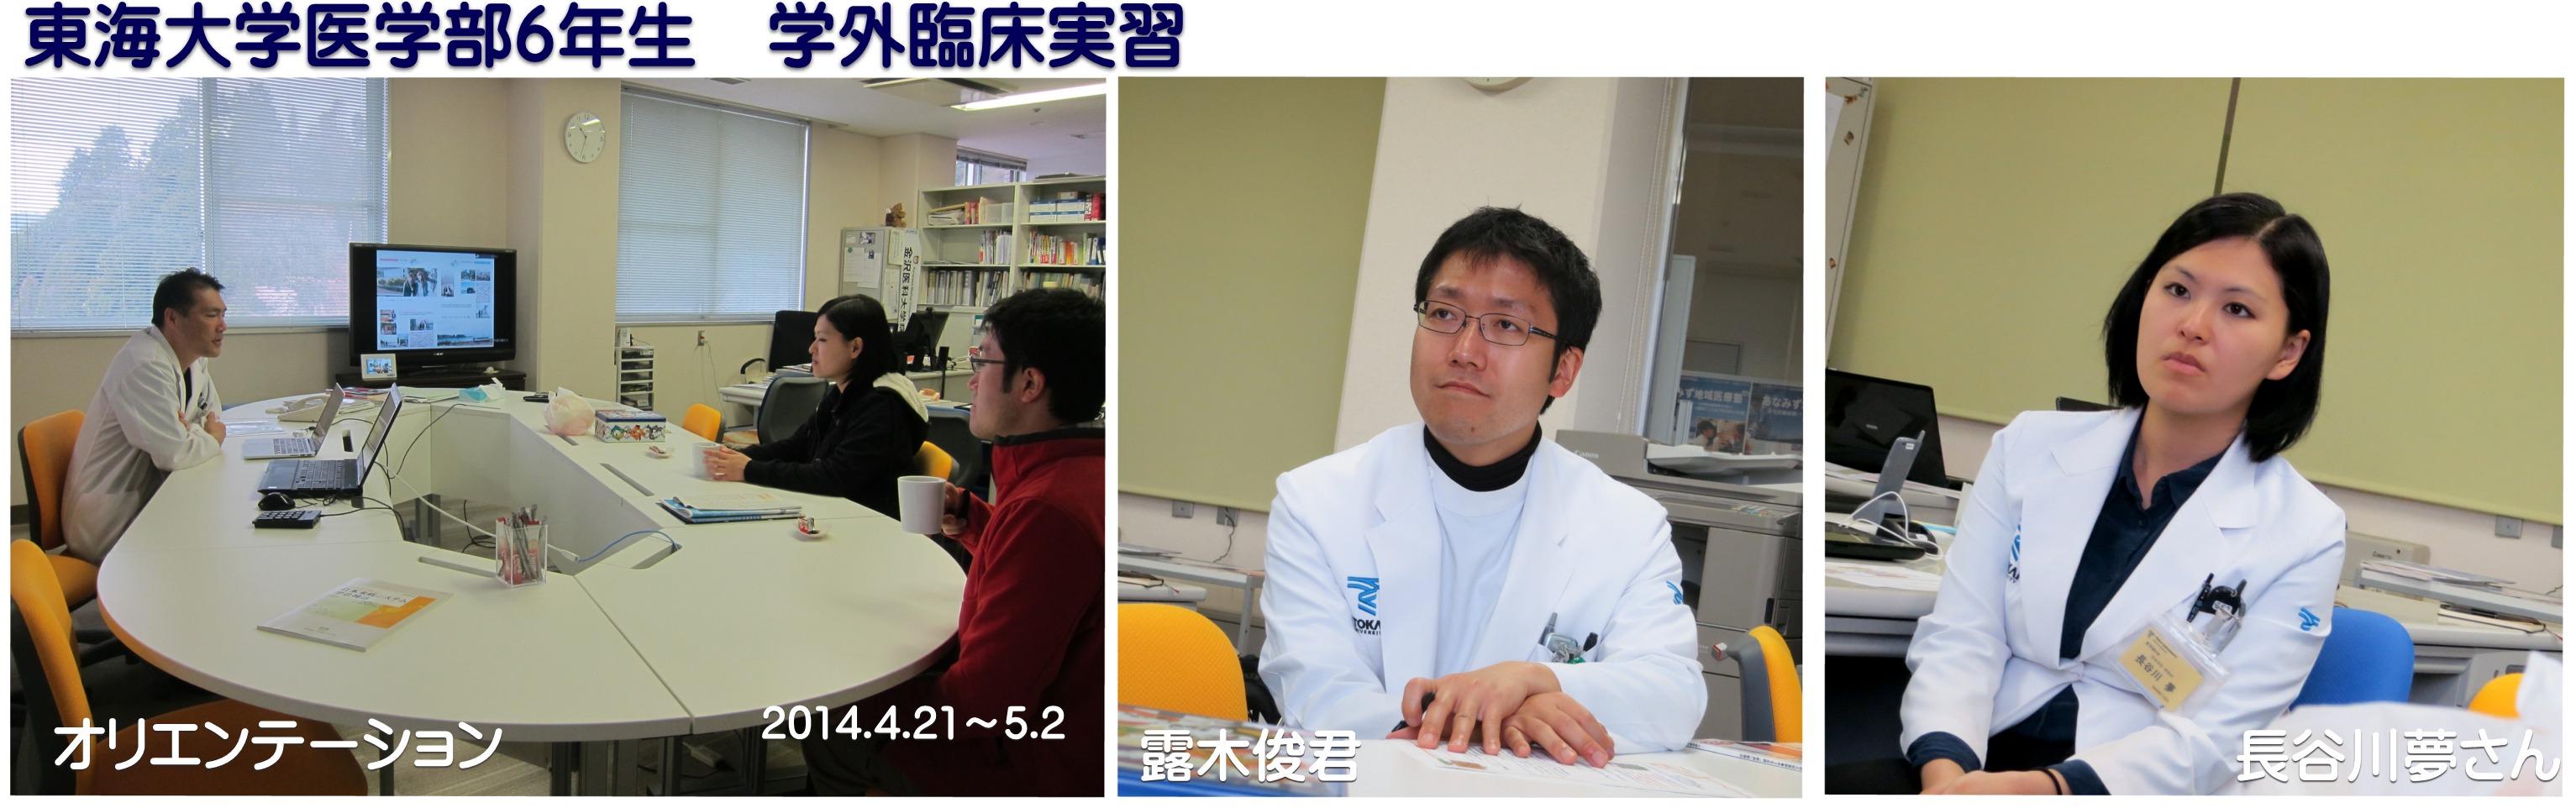 toukai_orien20140421.jpg